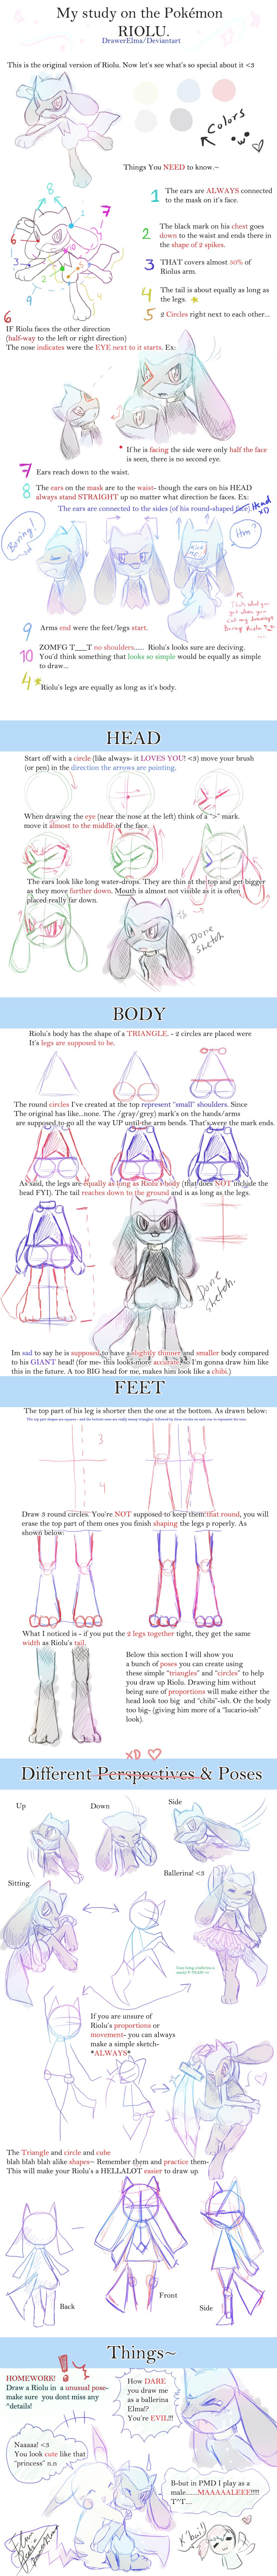 How to Draw Riolu - DrawerElma's Study by DrawerElma